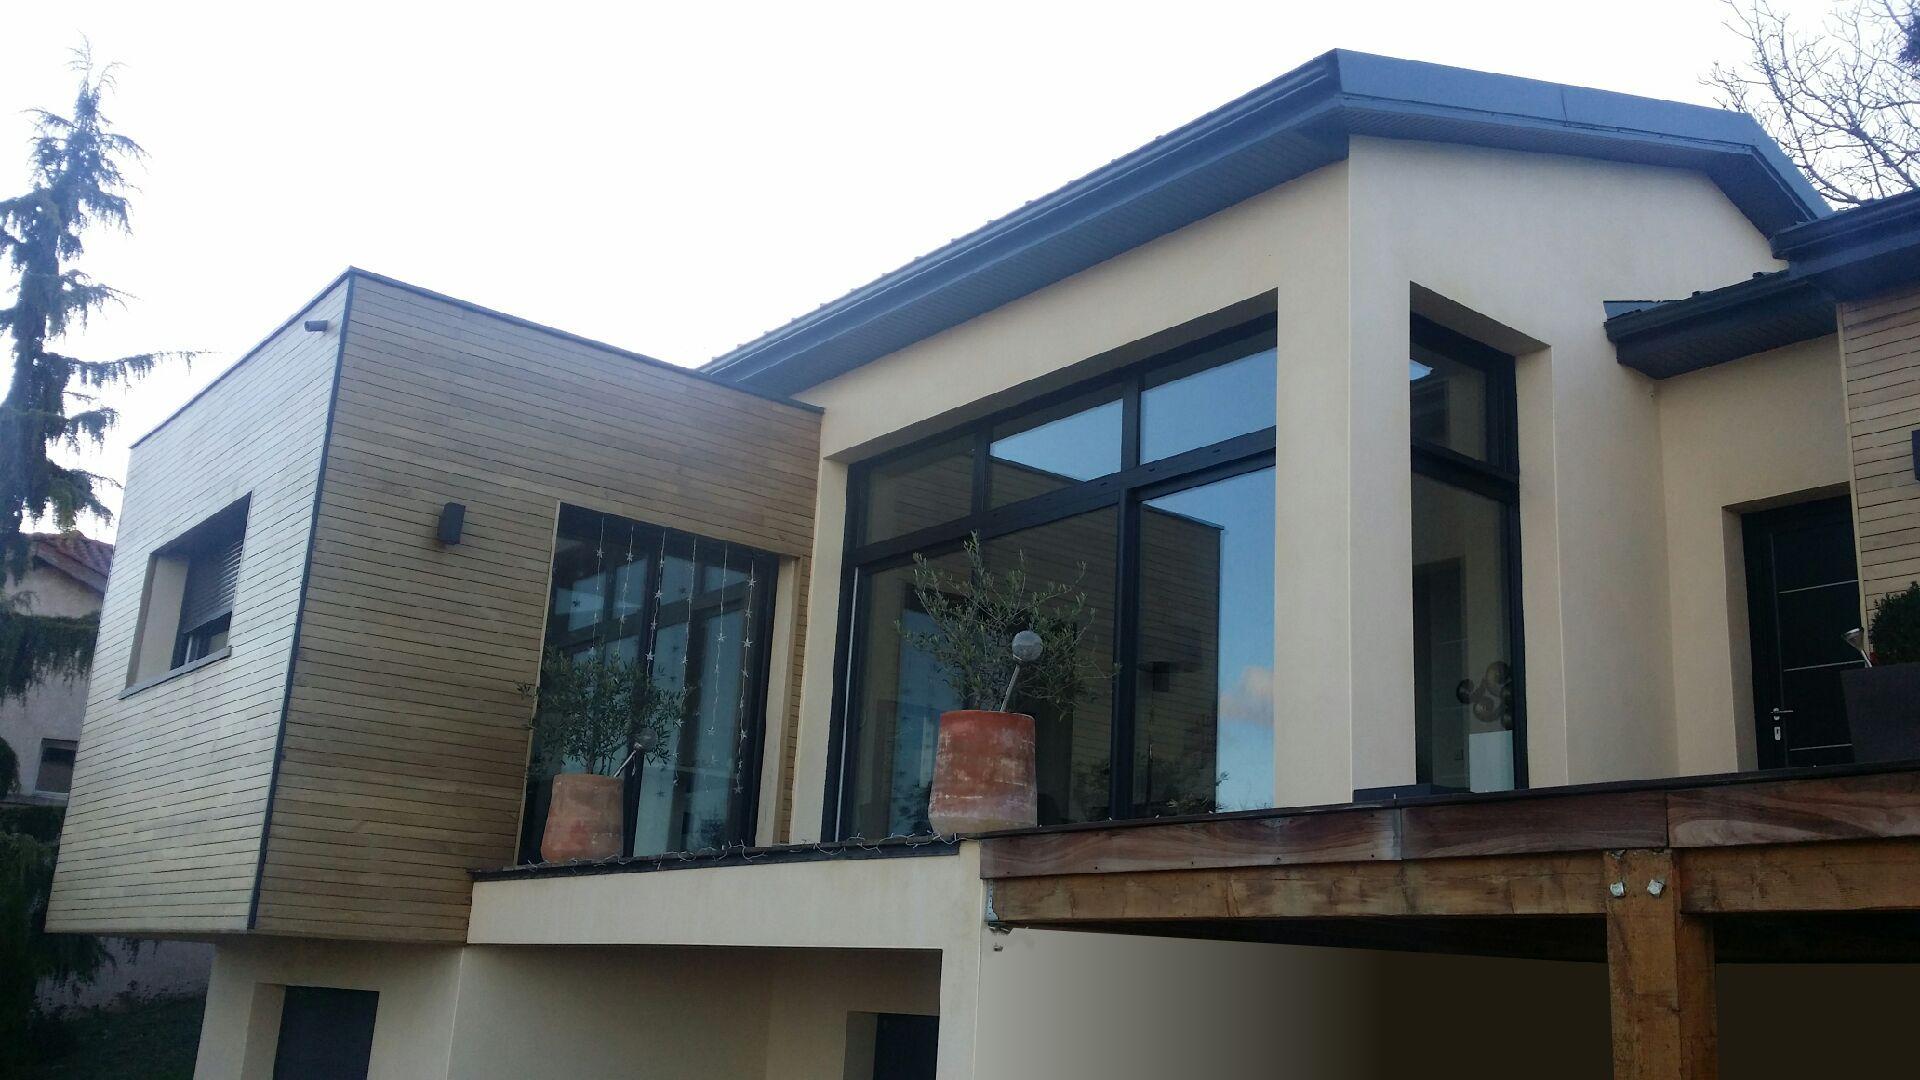 Maison Contemporaine Toit Terrasse construction de maison avec toit terrasse mâcon 71 - concept